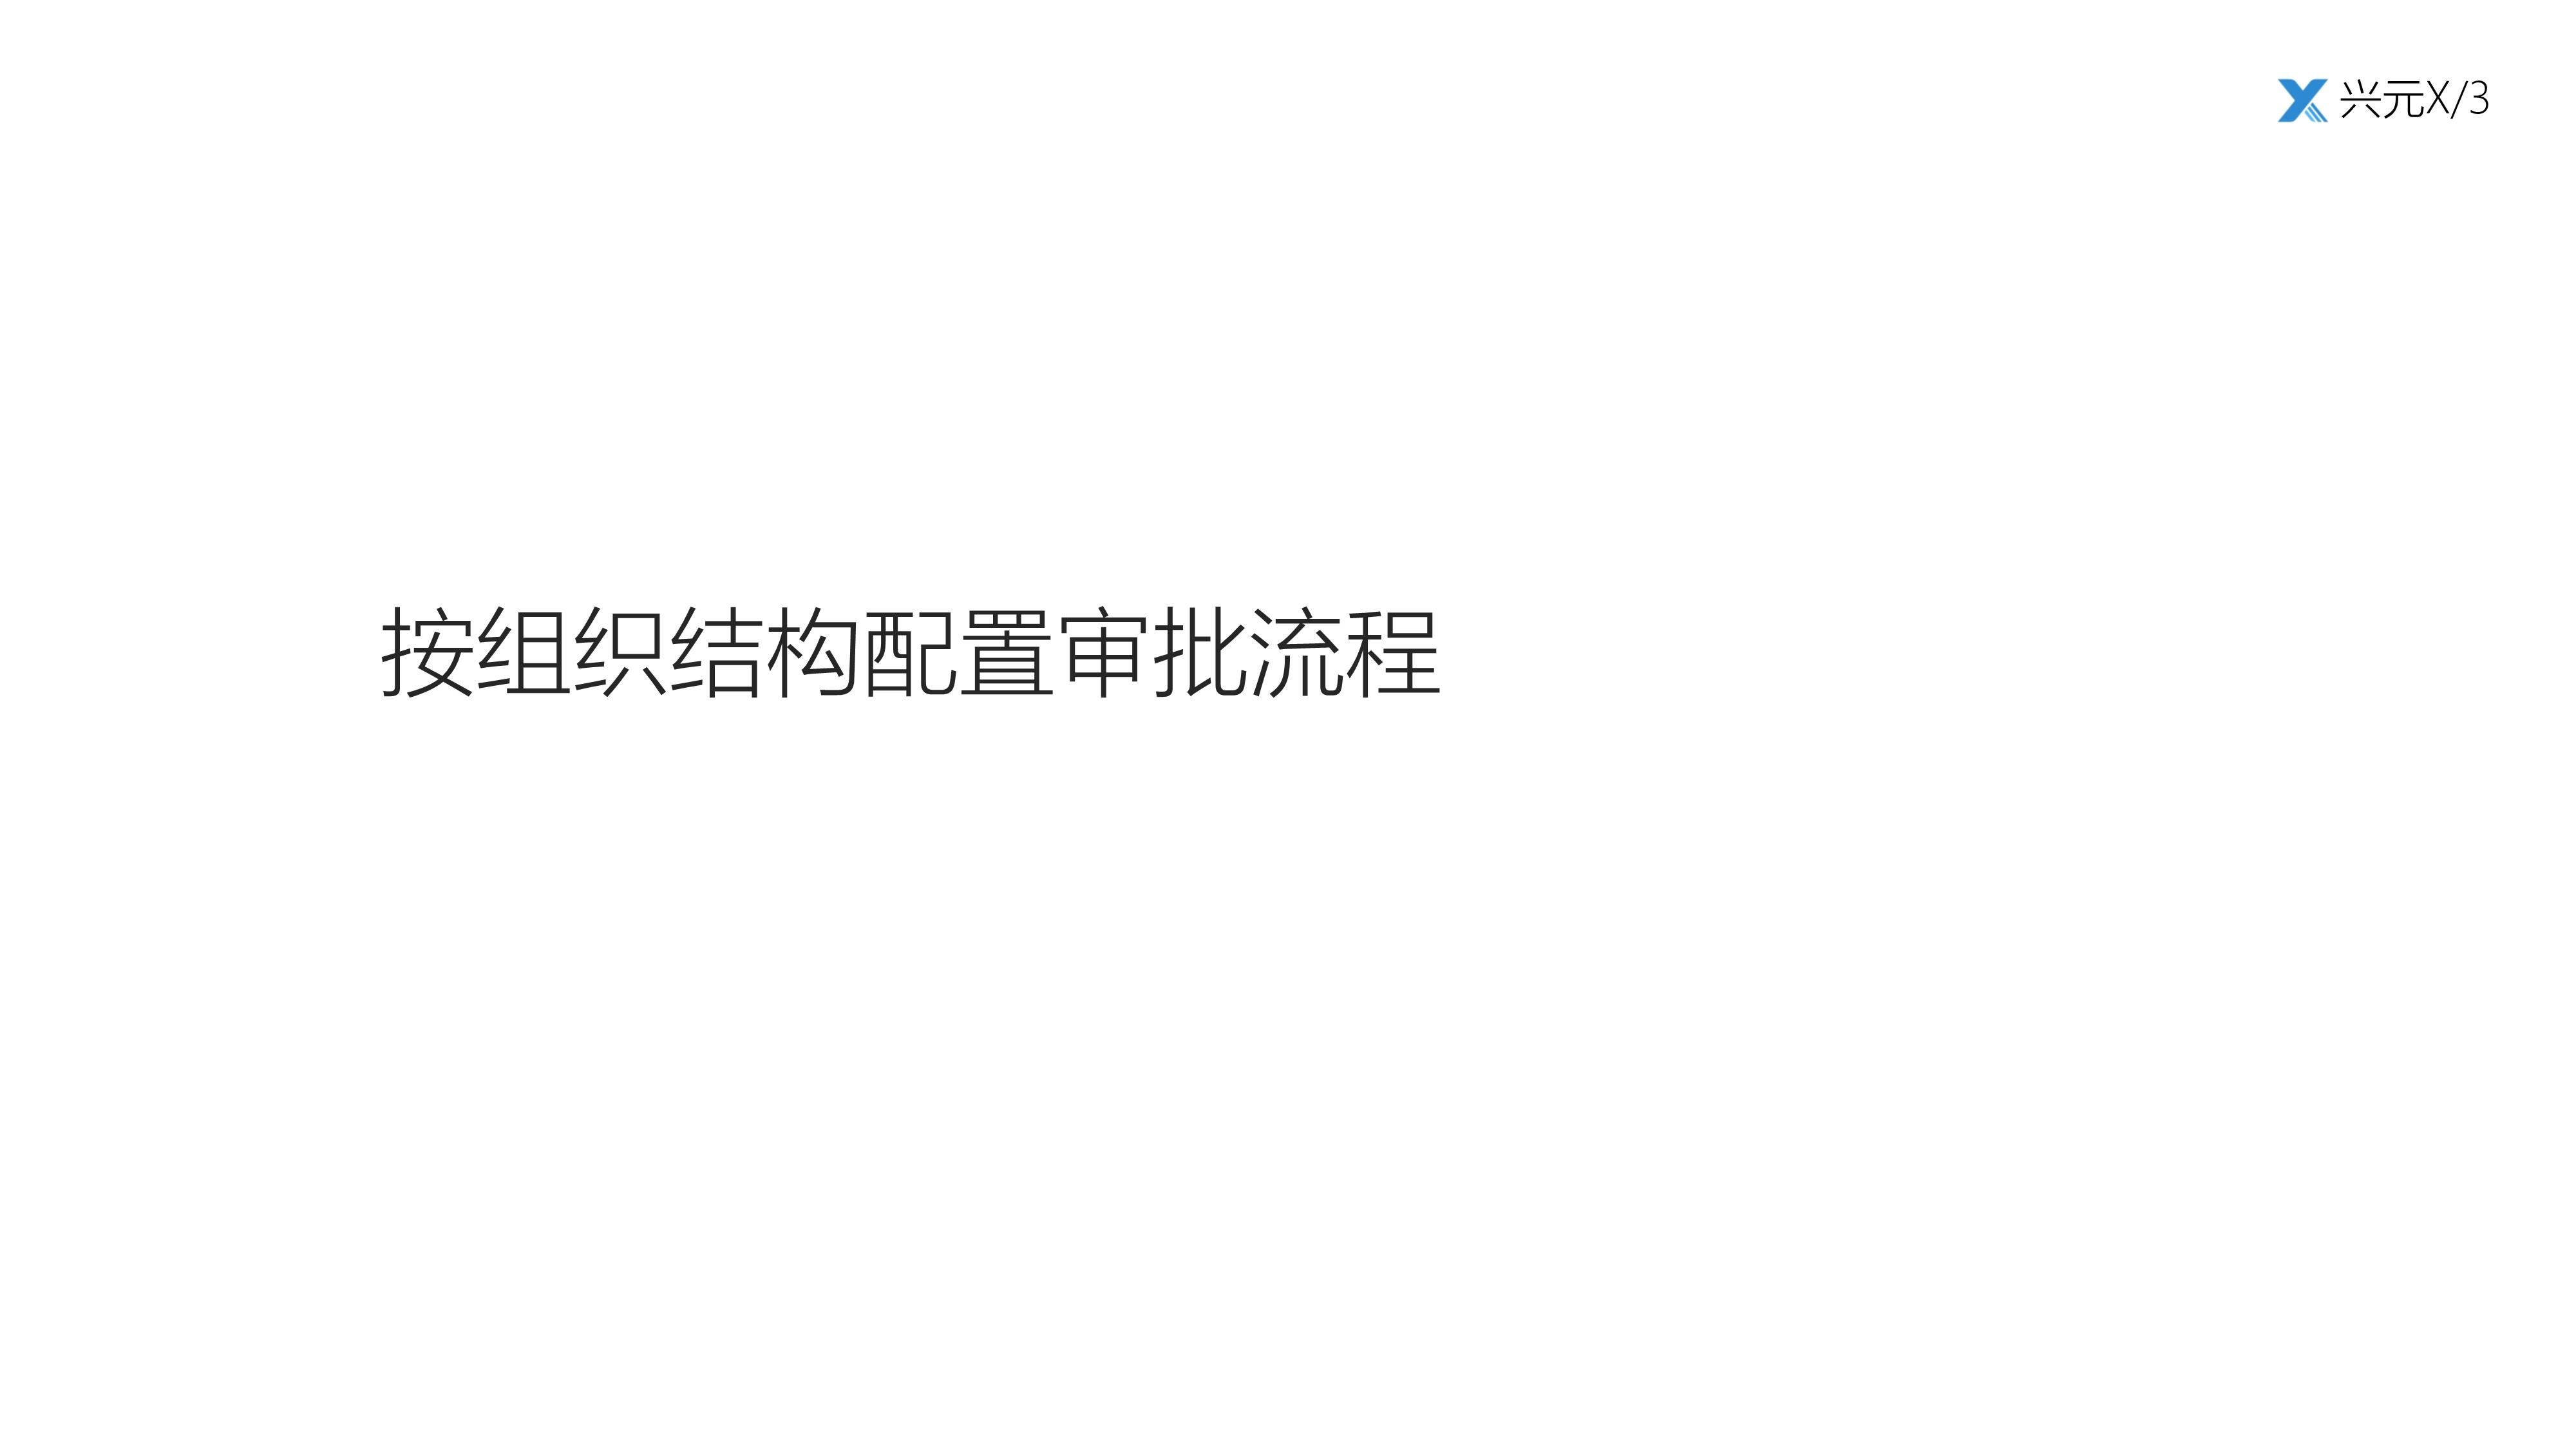 011809350146_0兴元财务管理报销软件_19.Jpeg